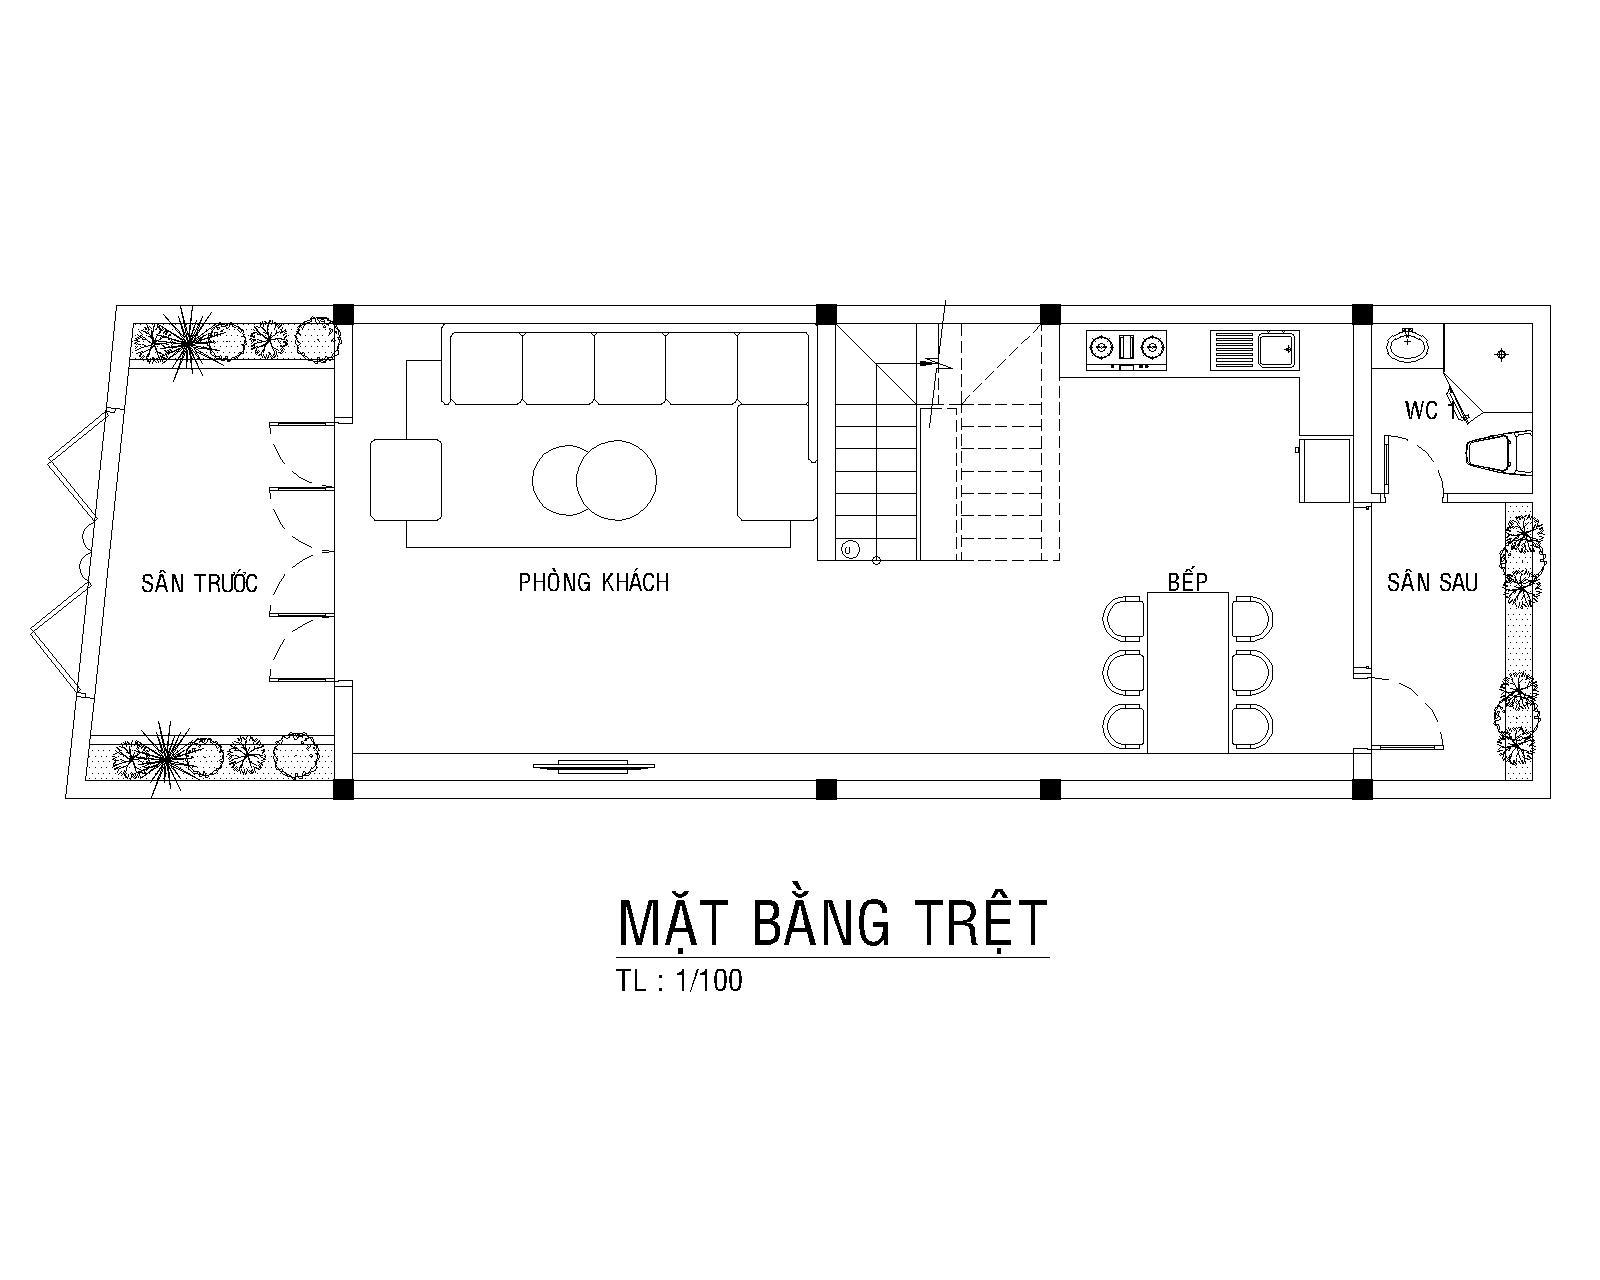 Bo Tri Mat Bang Tret Nha Pho Tan Co Dien Anh Thien 1 - mẫu nhà phố tân cổ điển đẹp